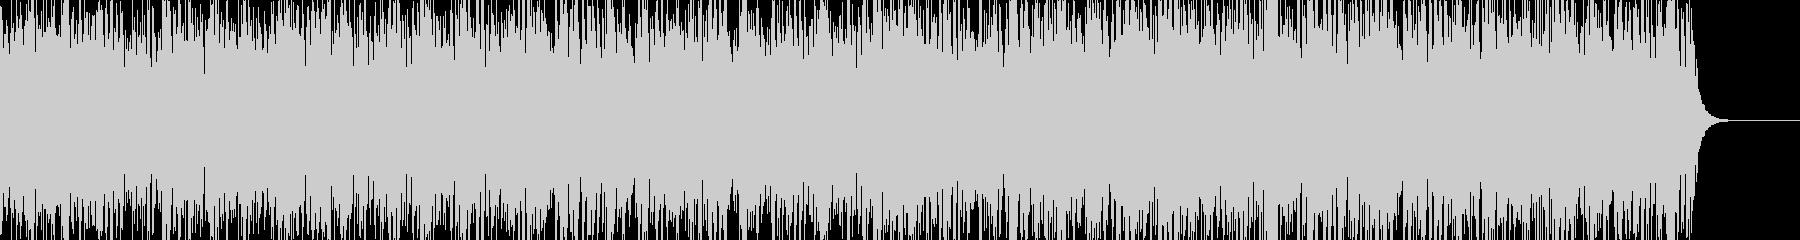 ノイジーでダークなアンビエントBGM5の未再生の波形